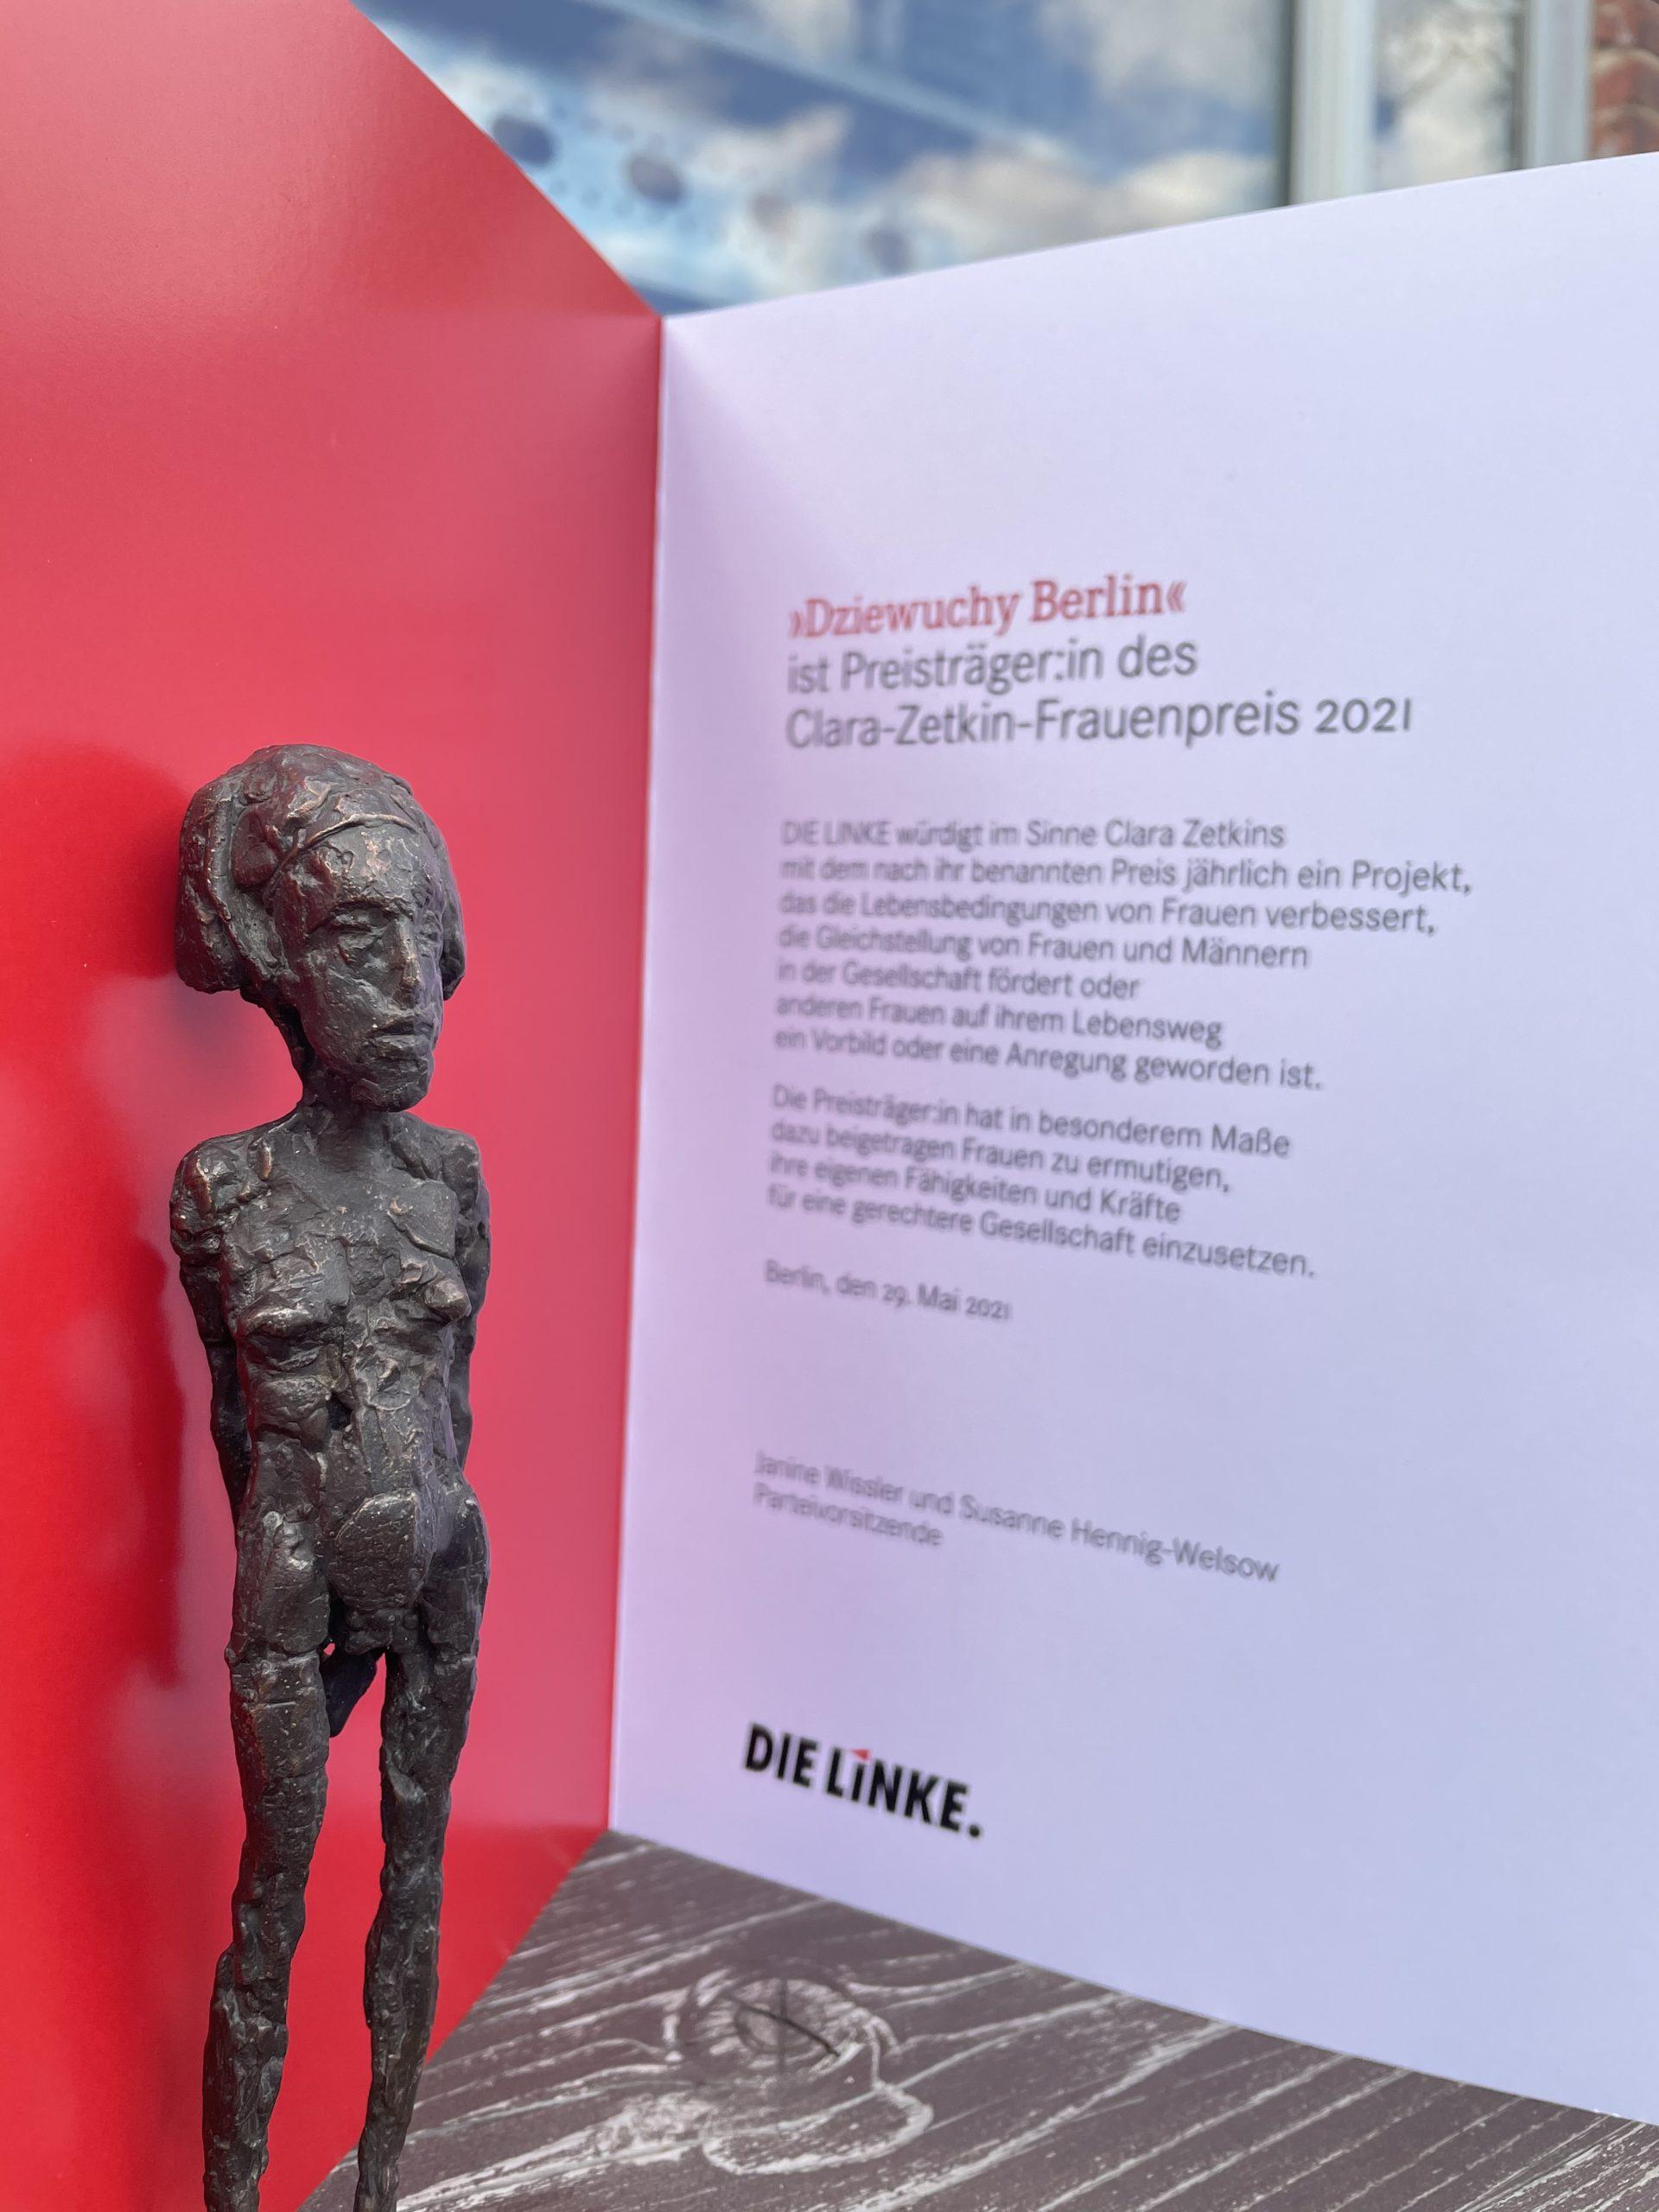 Clara Zetkin-Frauenpreis 2021 für Dziewuchy Berlin